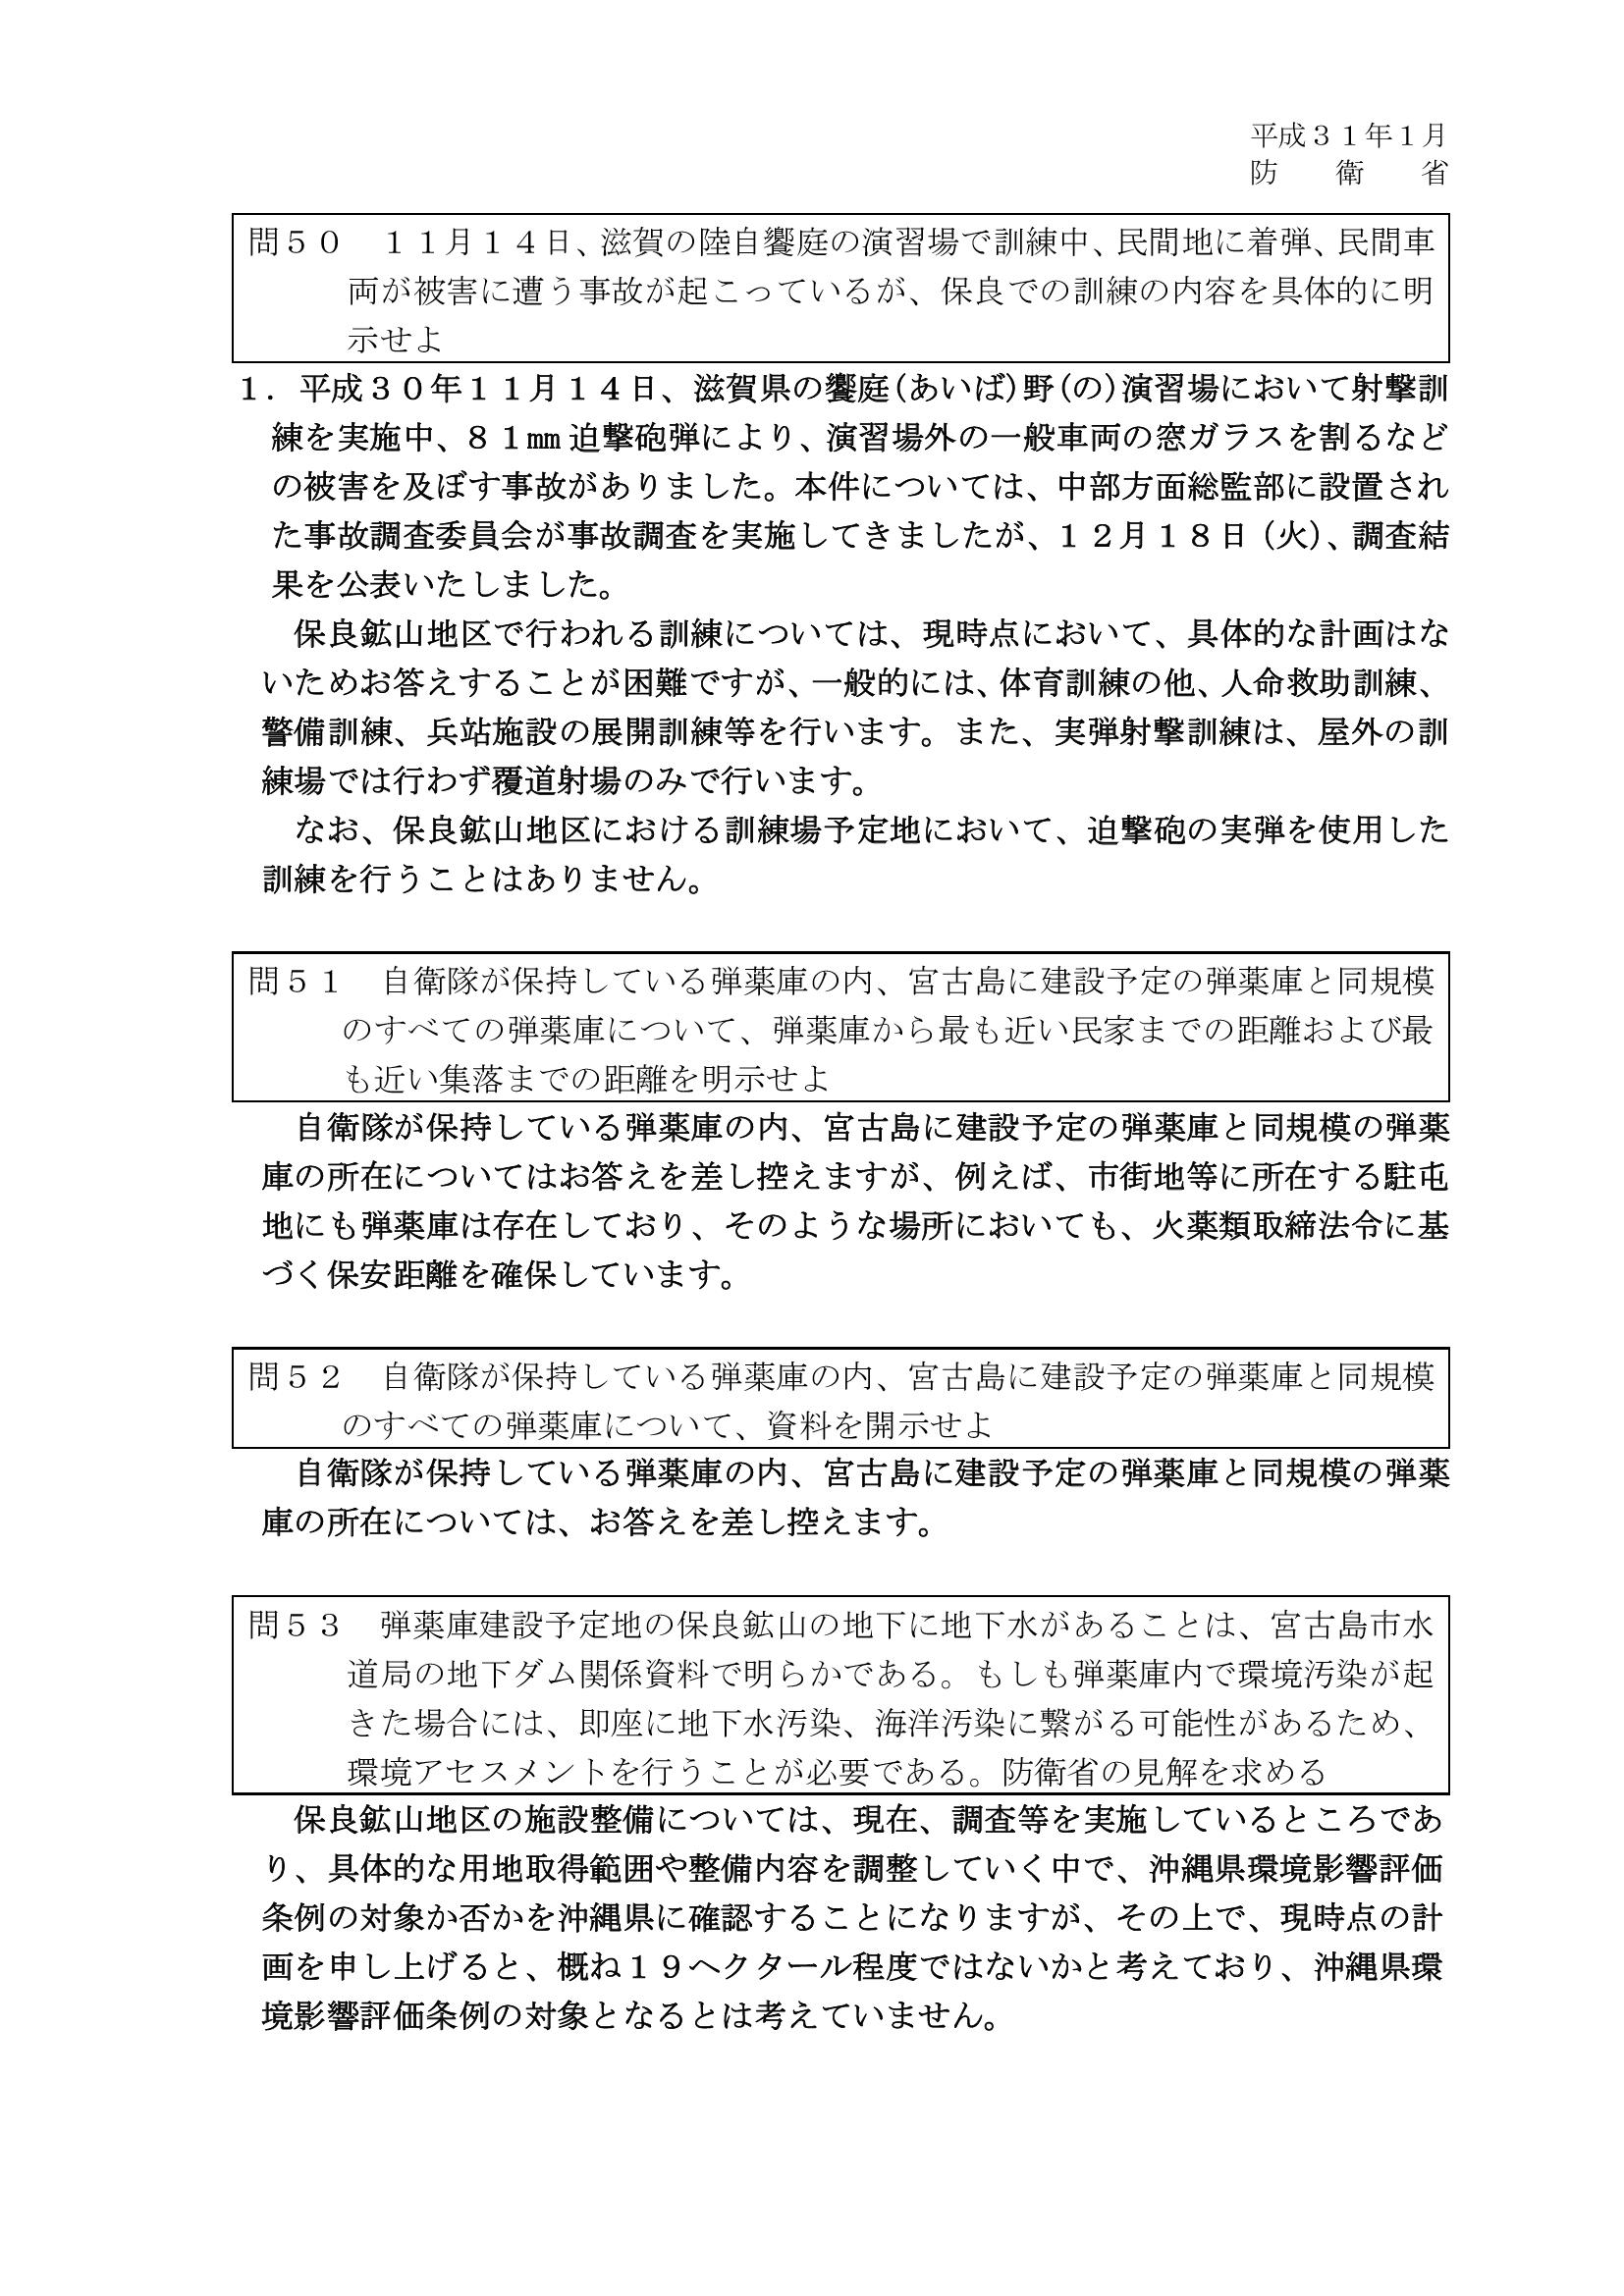 201901防衛省回答0012